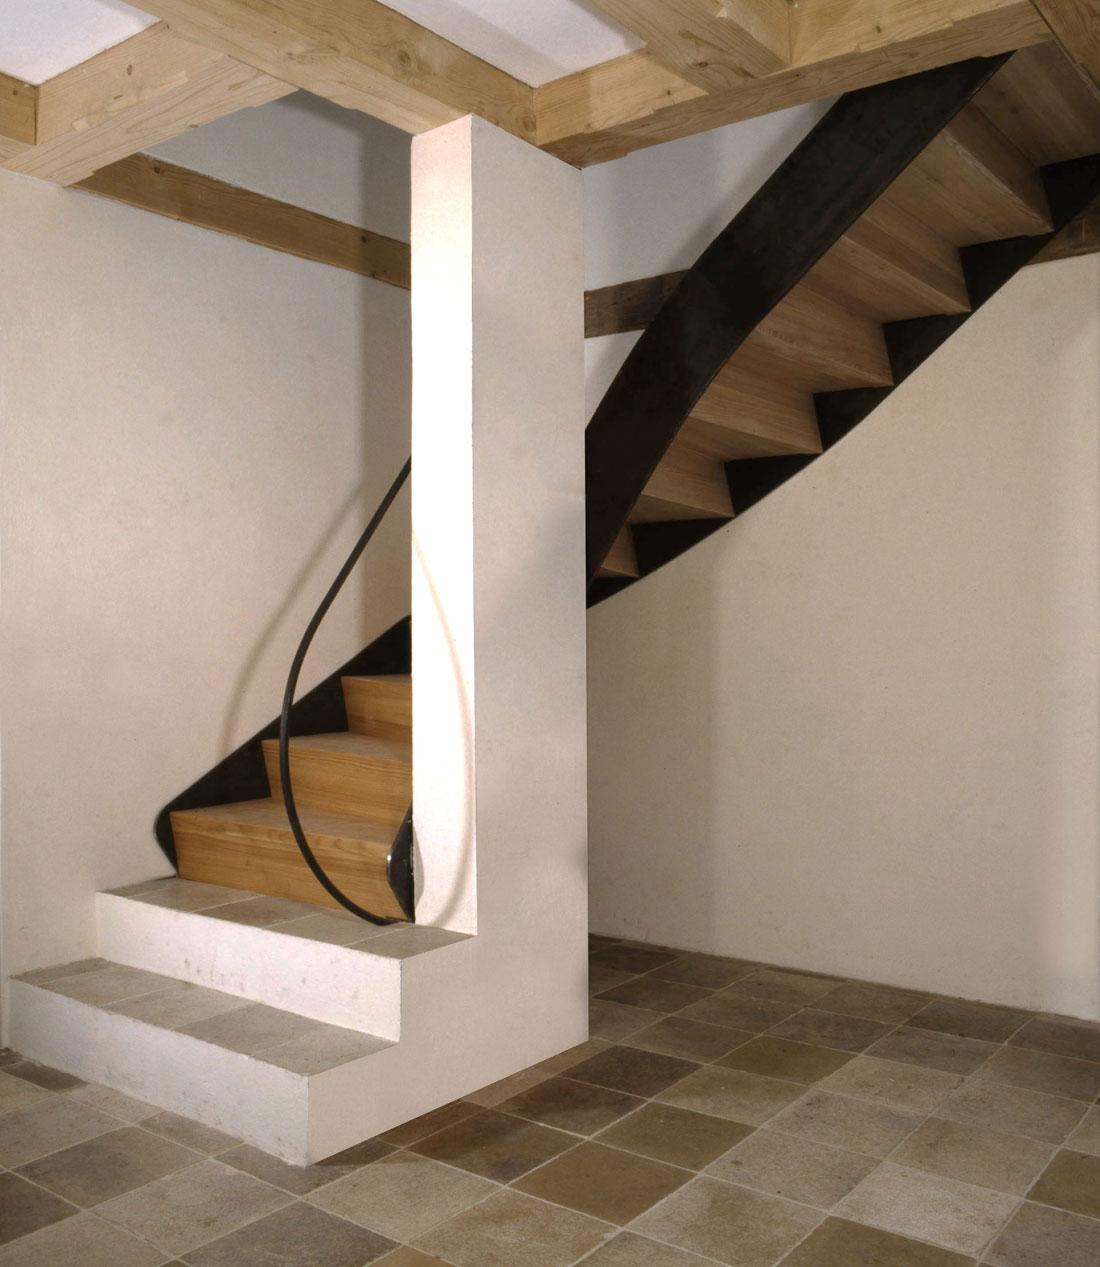 Gabriele Riesner, Architektin, Antwort/Chiemgau, Scheunenausbau, Treppe Erdgeschoss